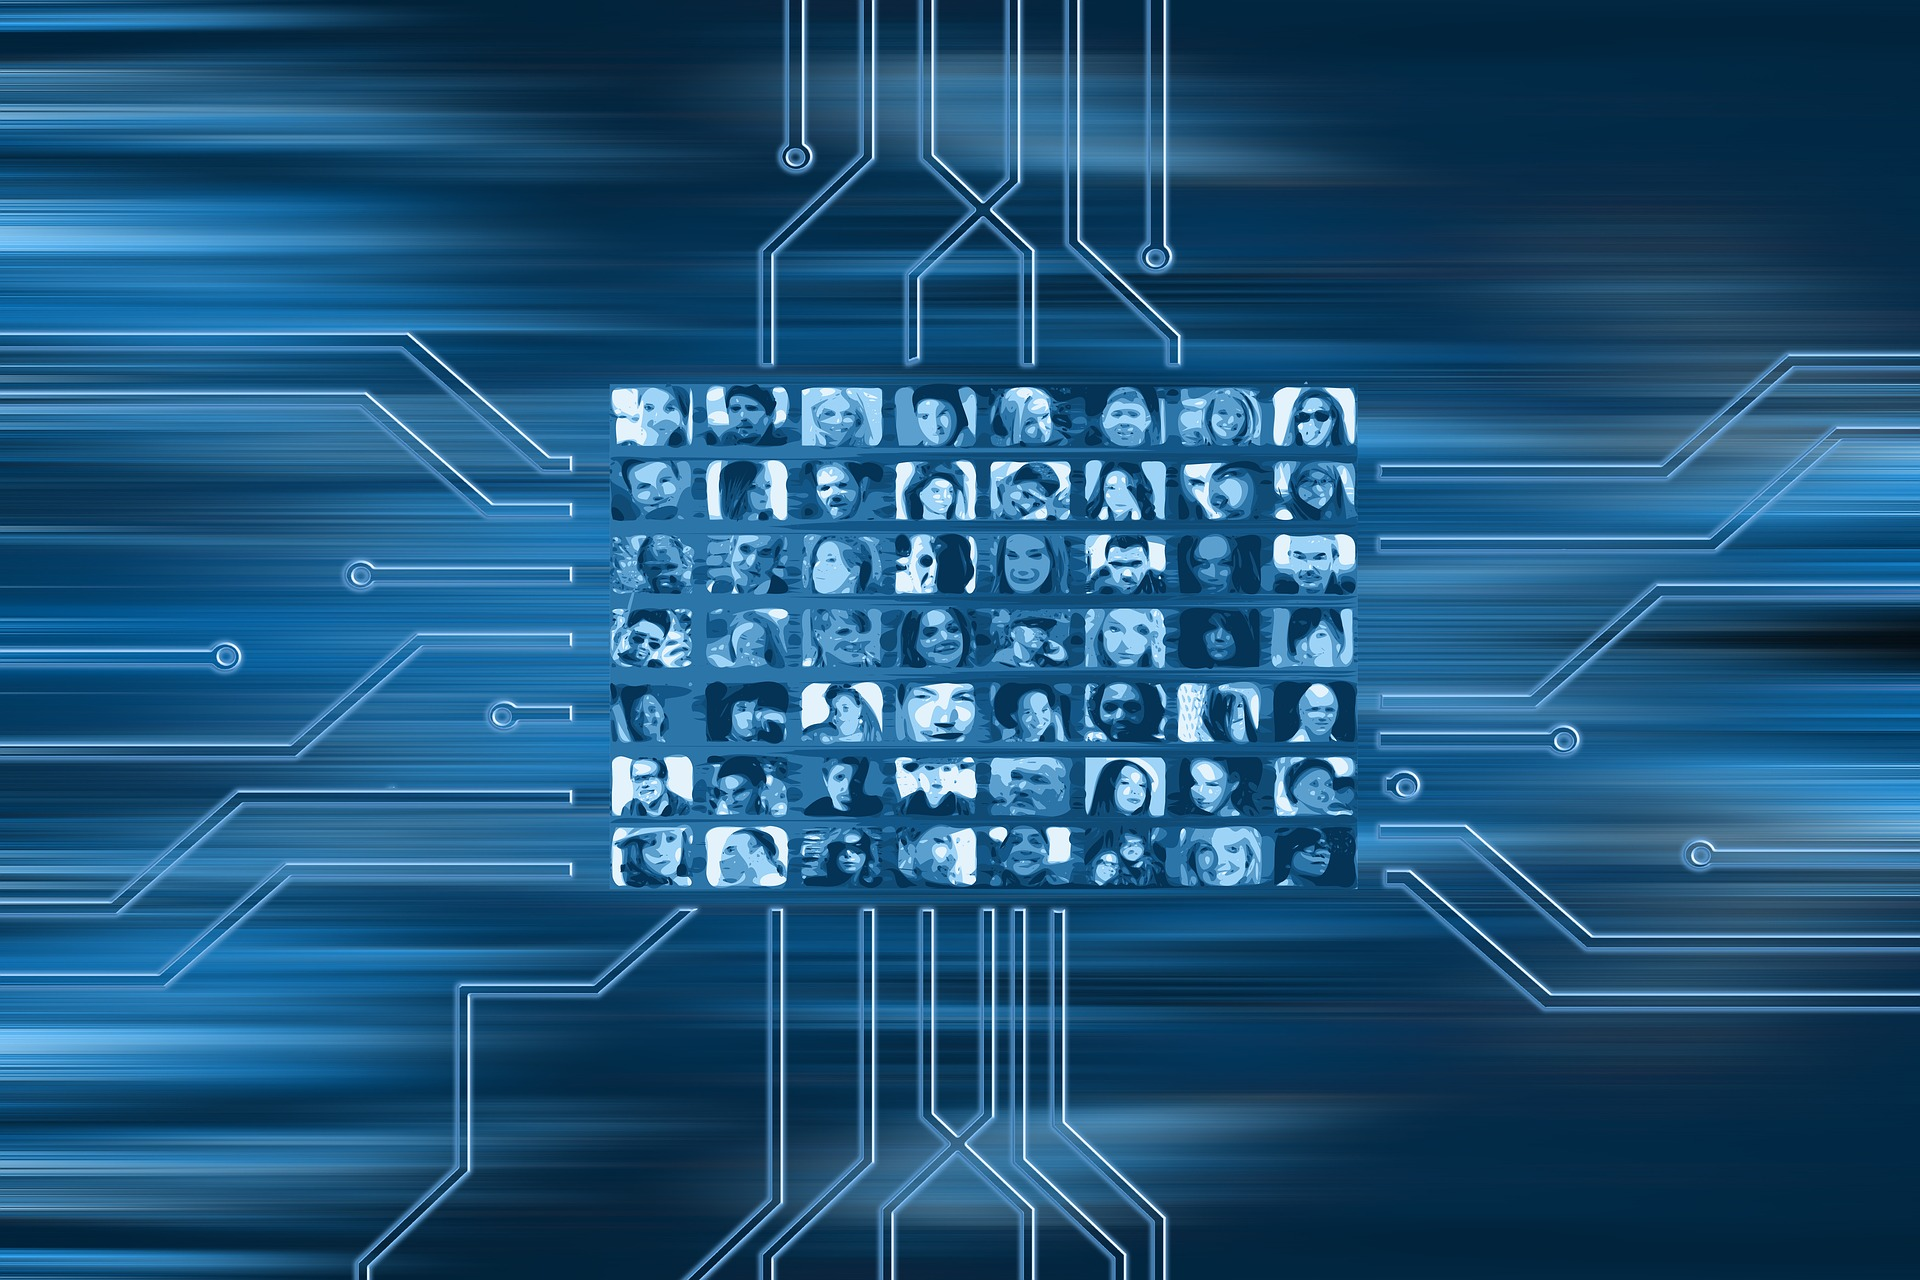 Se buscan: profesionales capaces de resolver una crisis digital